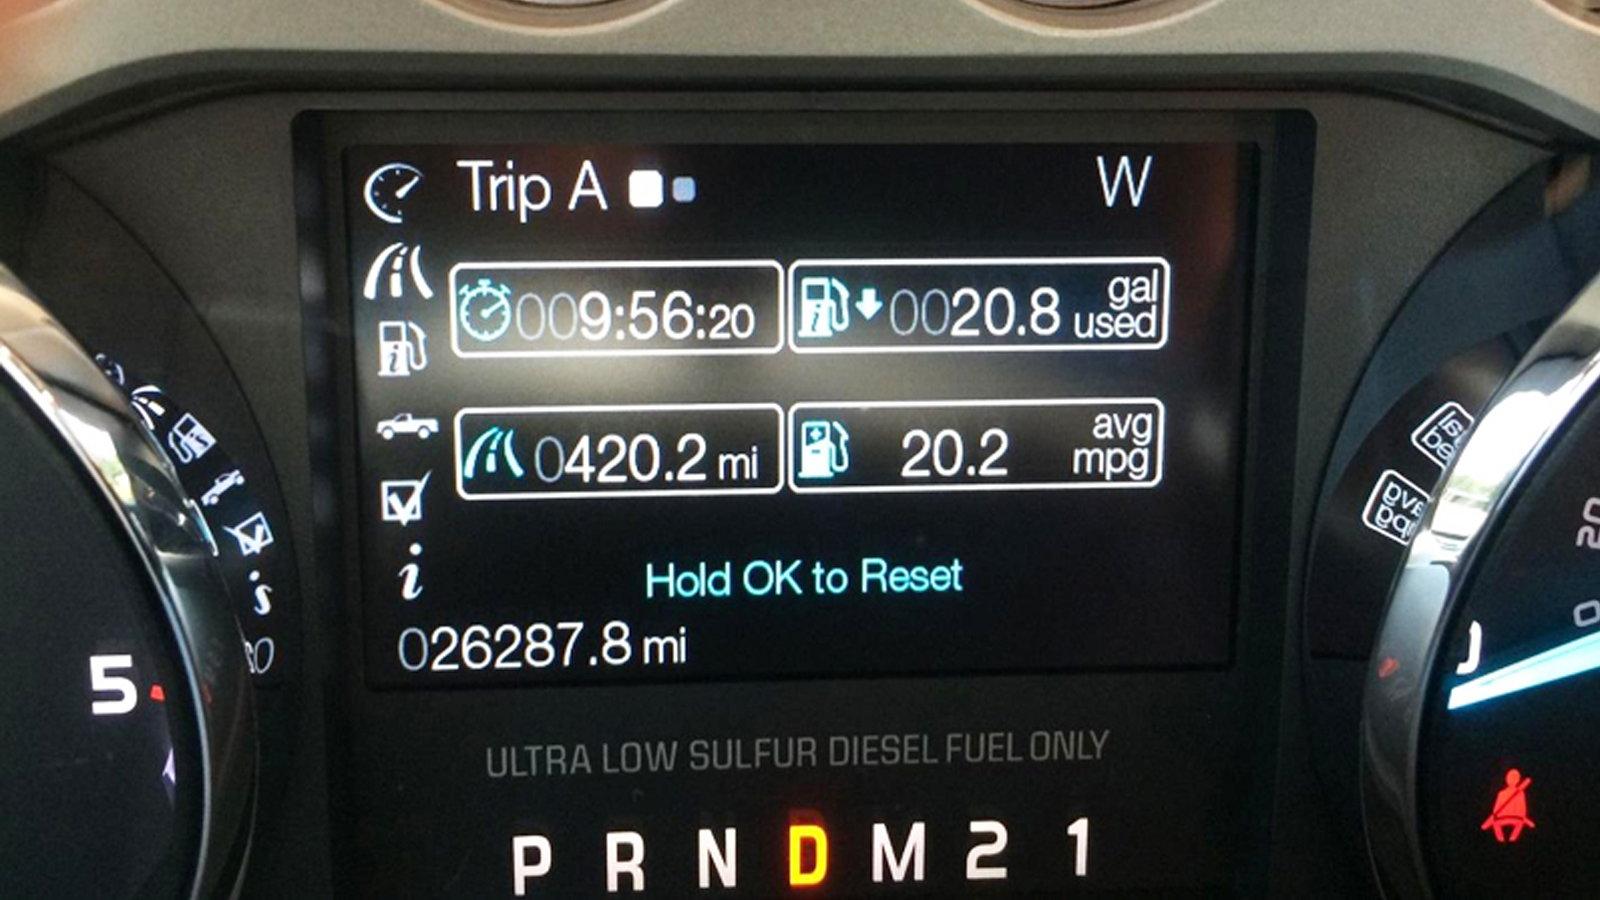 Mods, Upgrades, Fuel Economy, MPG